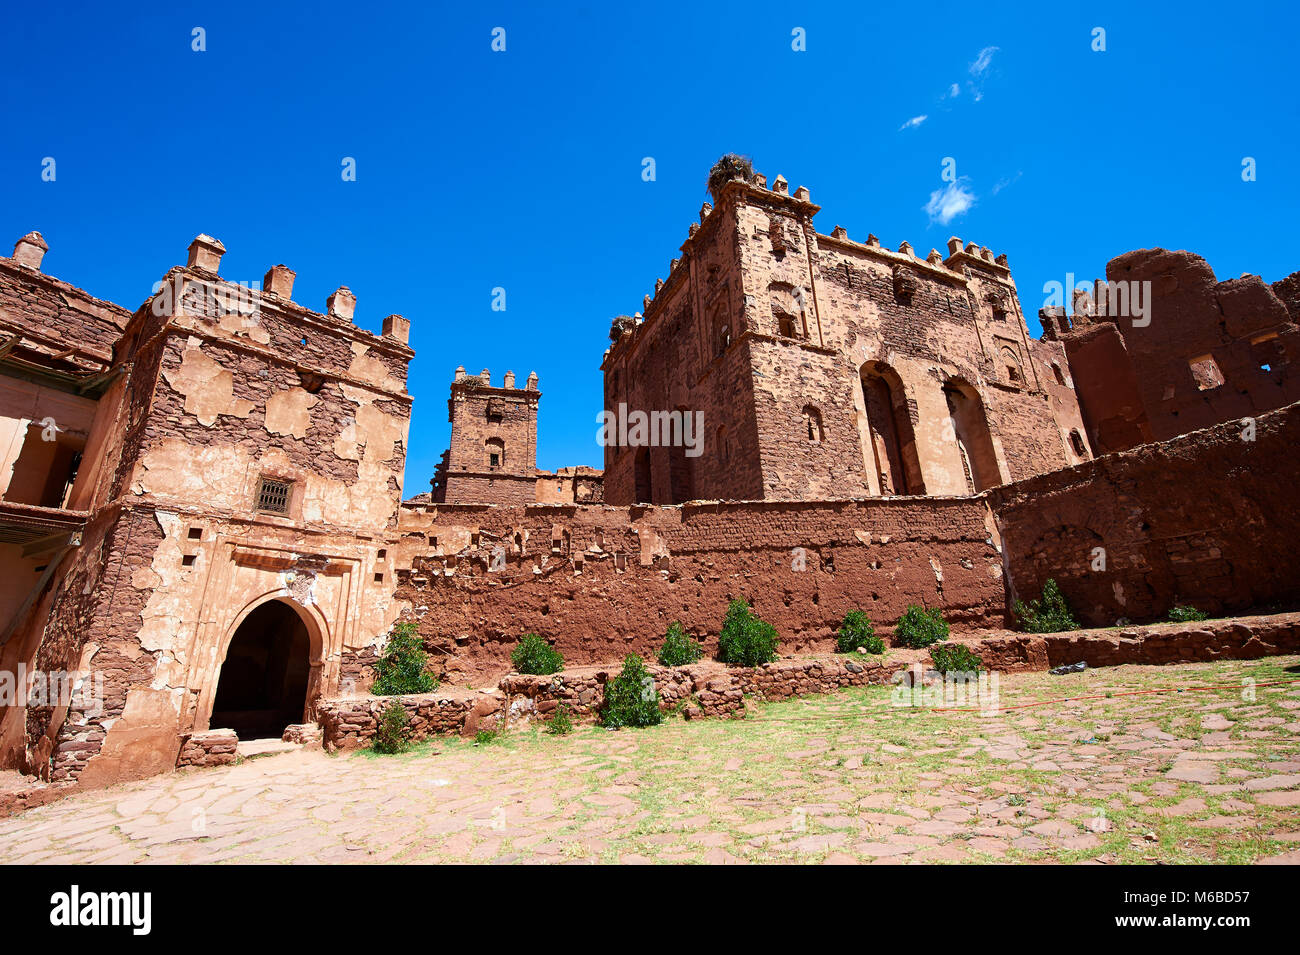 Esterno del mattone di fango Berber Telouet Kasbah, Atlante Marocco Immagini Stock